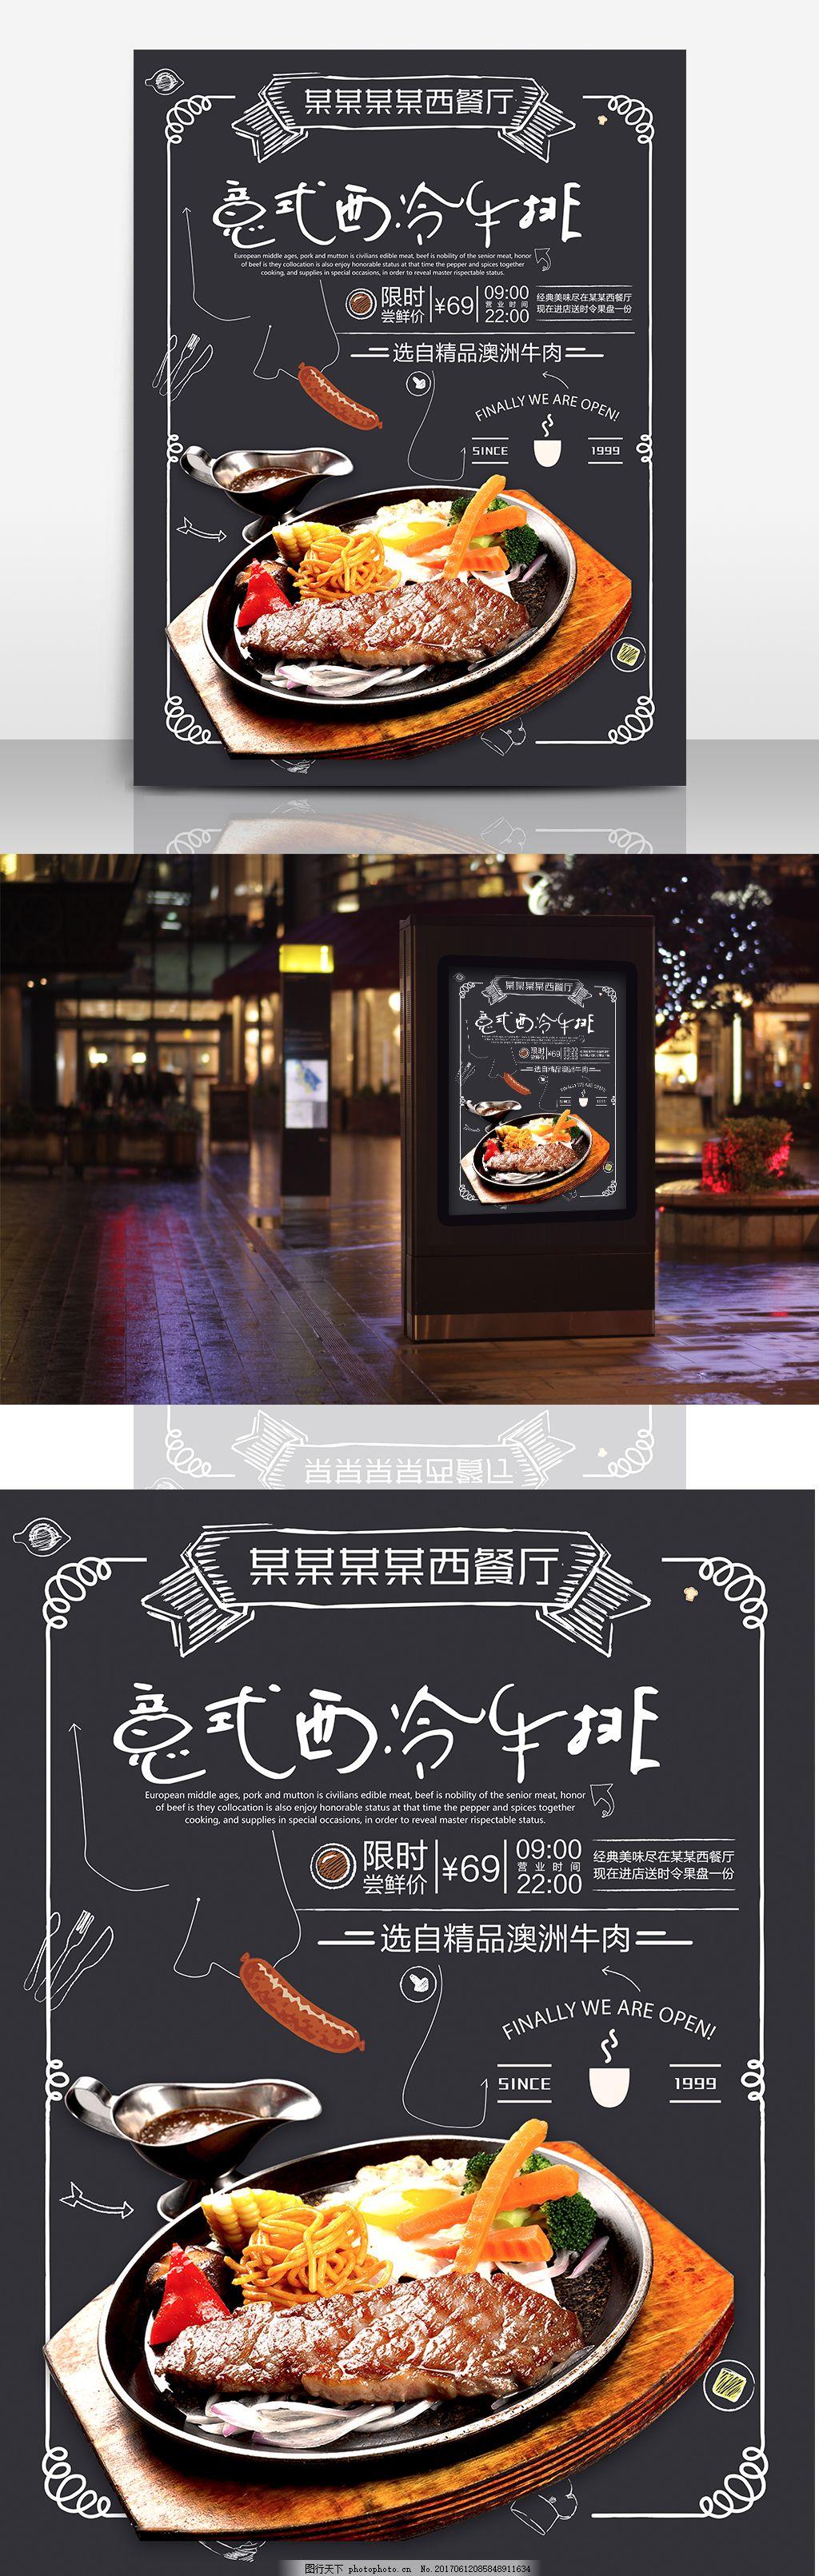 创意文字排版菜单美味西餐厅 意式西冷牛排 西餐海报 西餐展架 西餐单